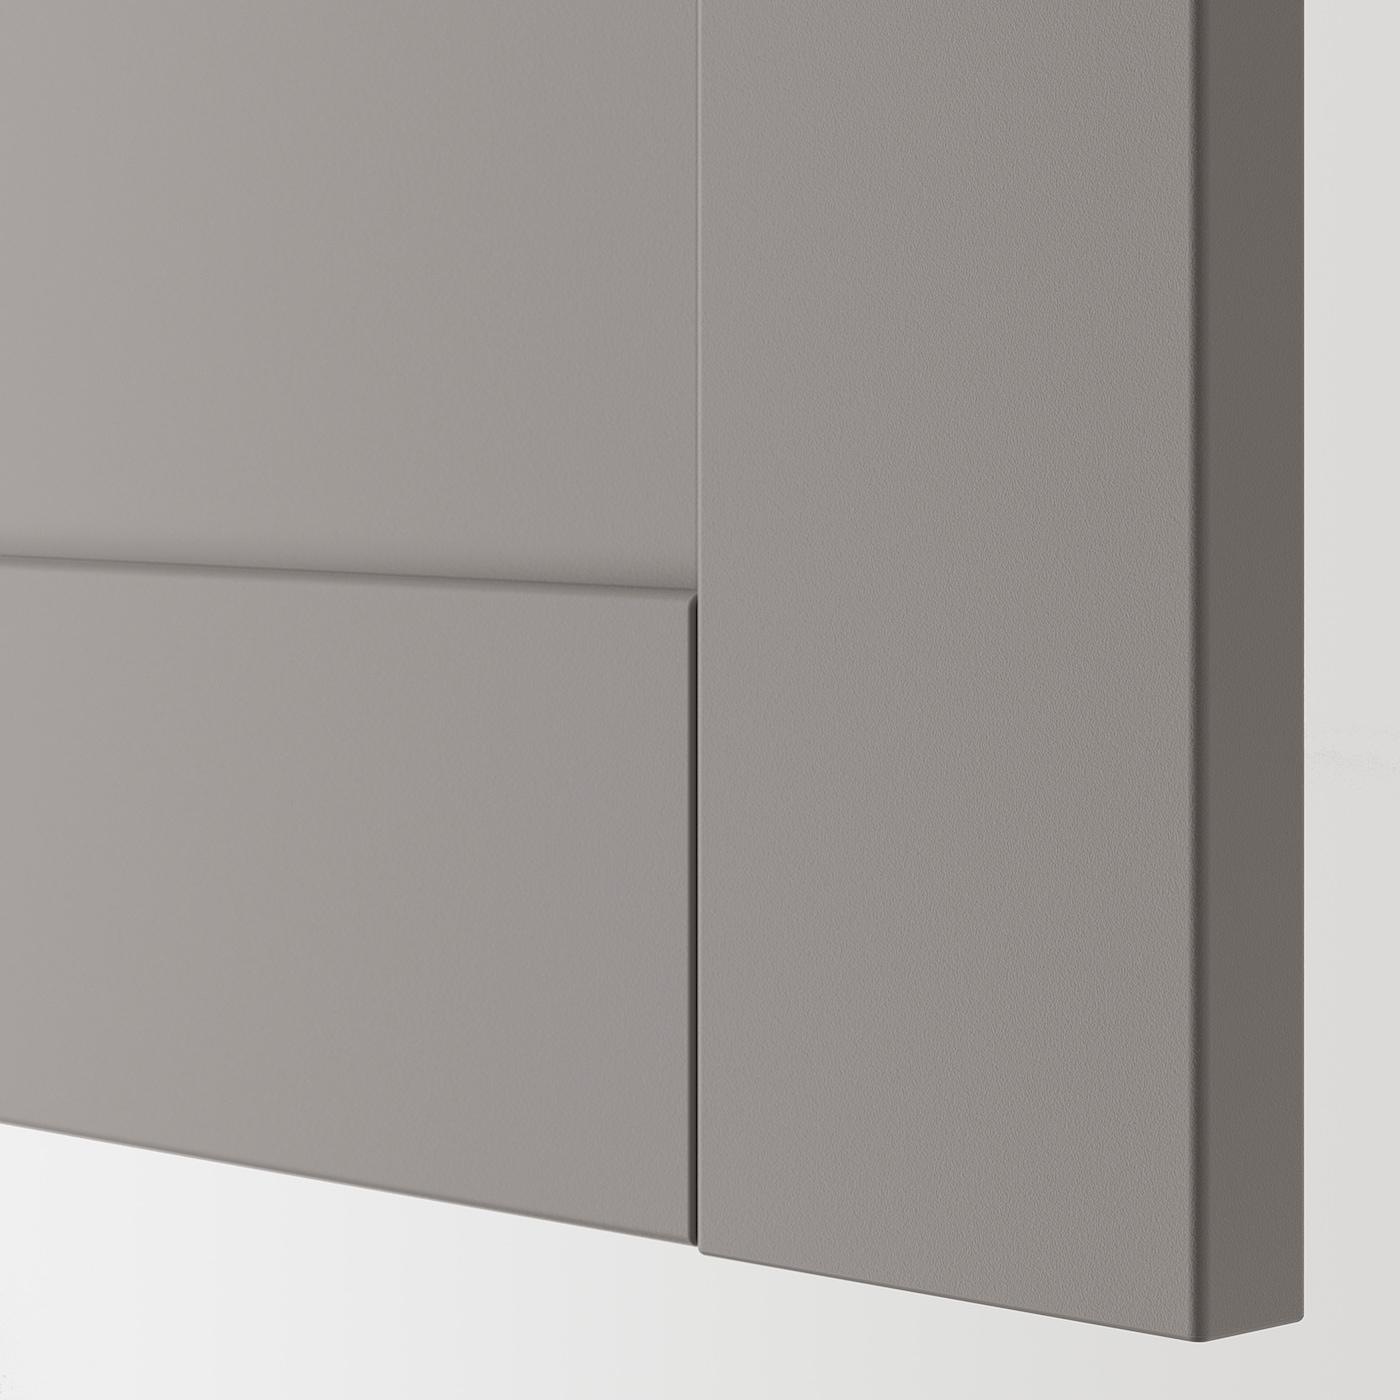 ENHET Kitchen, anthracite/grey frame, 163x63.5x222 cm